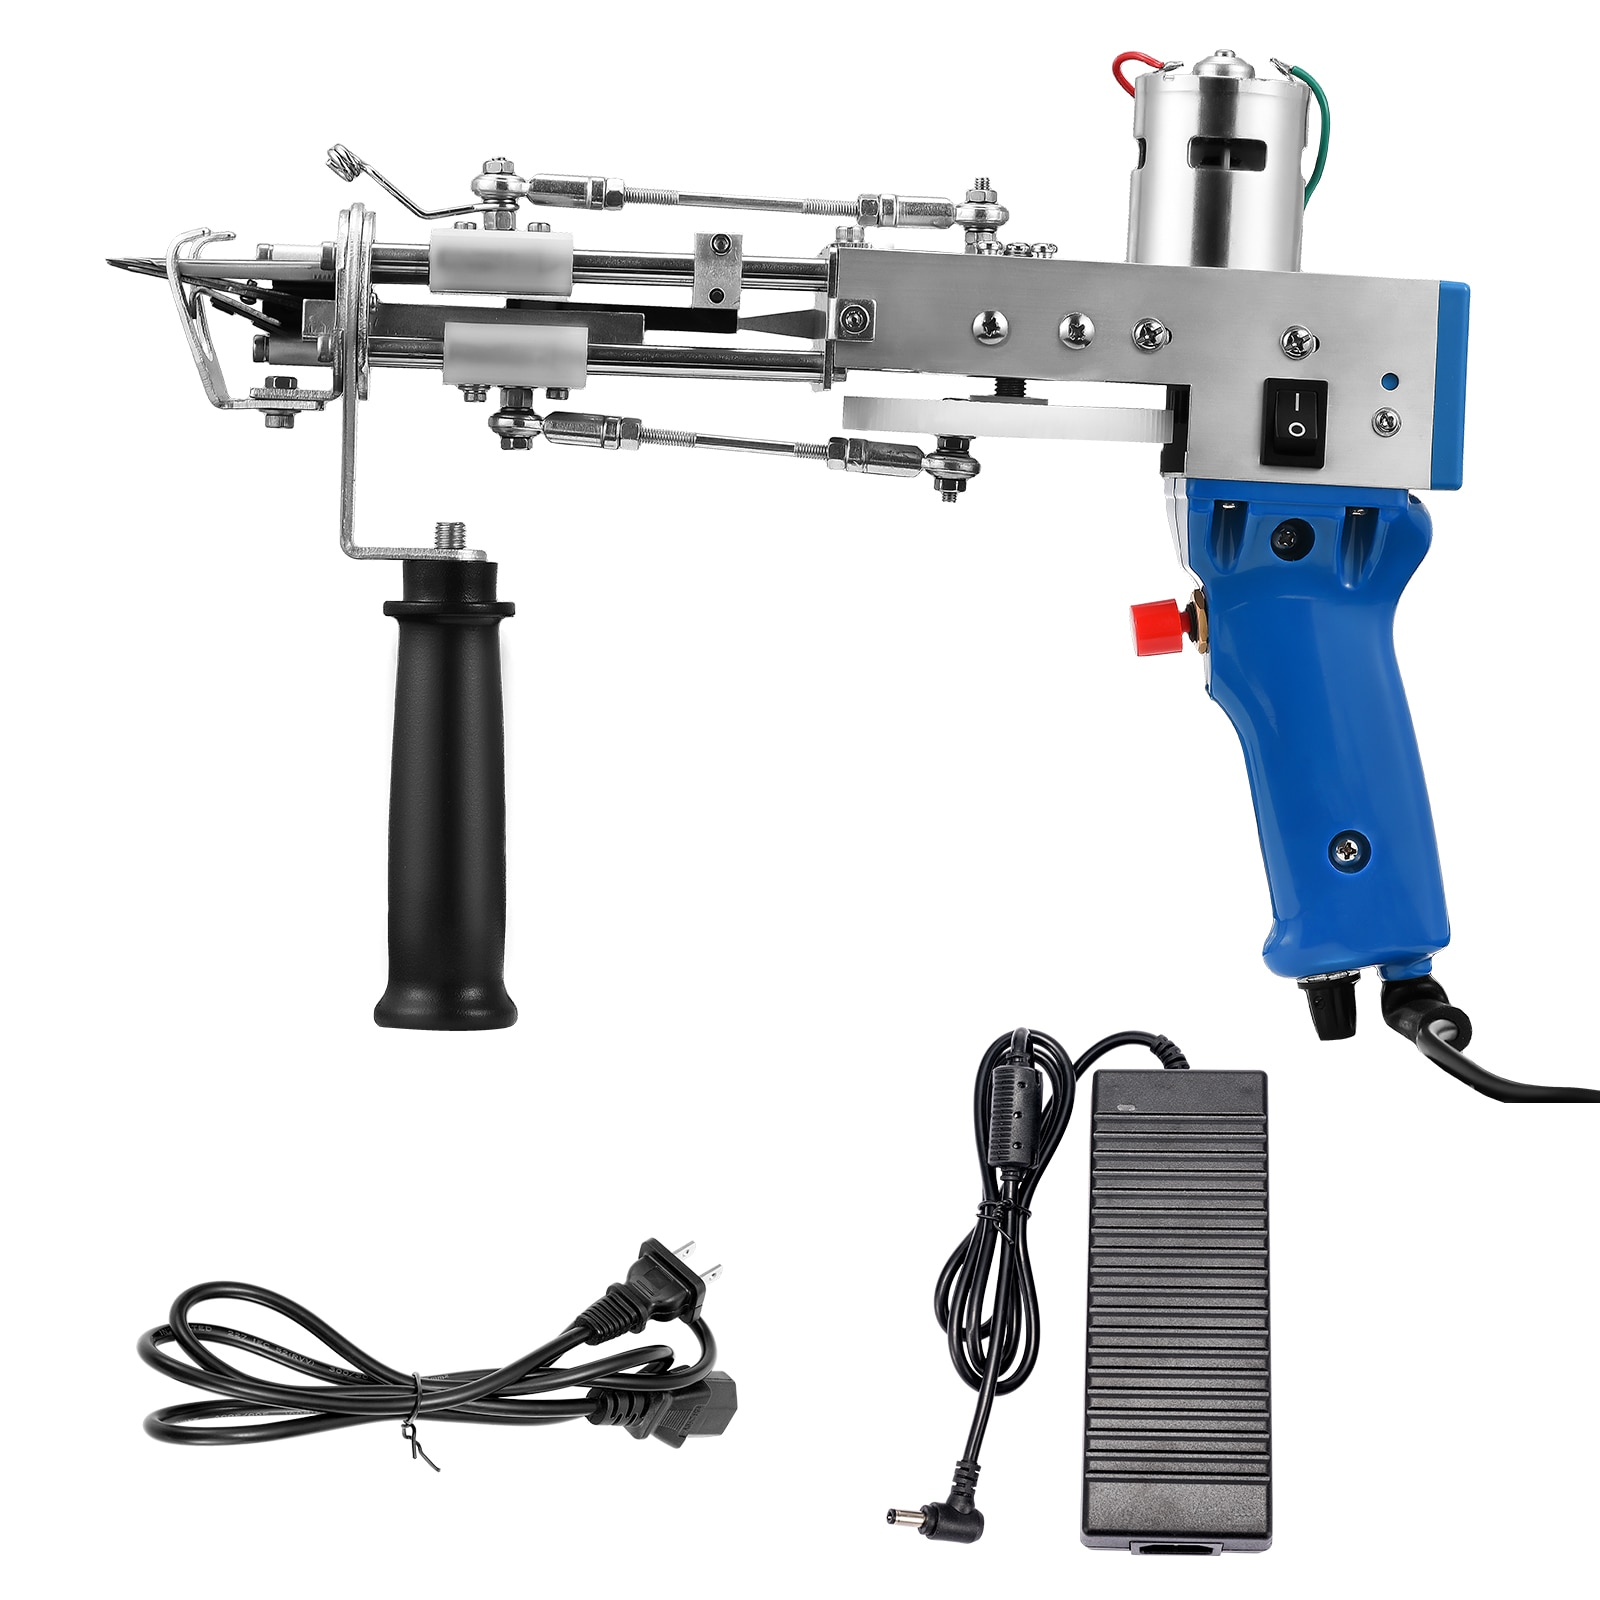 Electric Carpet Tufting GunHand Gun Carpet Weaving Flocking Machines Loop Pile EU UK US Plug Industrial Grade Tools enlarge